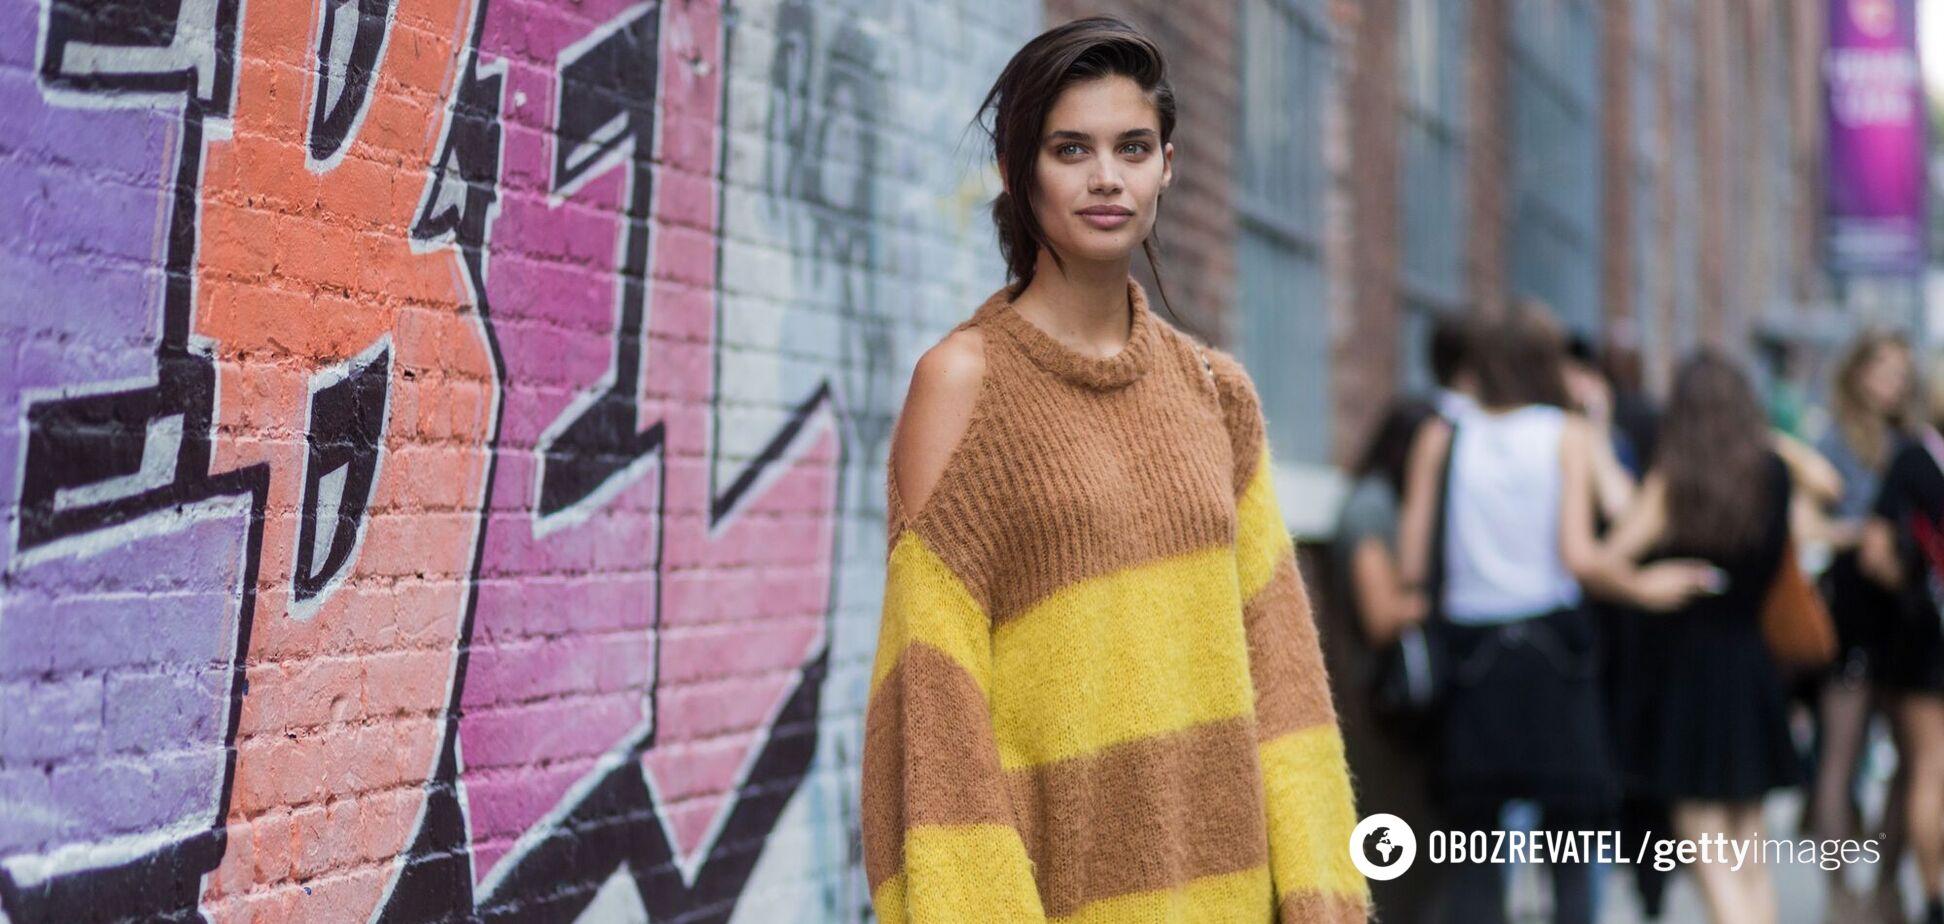 Дизайнери показали, які в'язані мінісукні варто додати в літній гардероб 2021